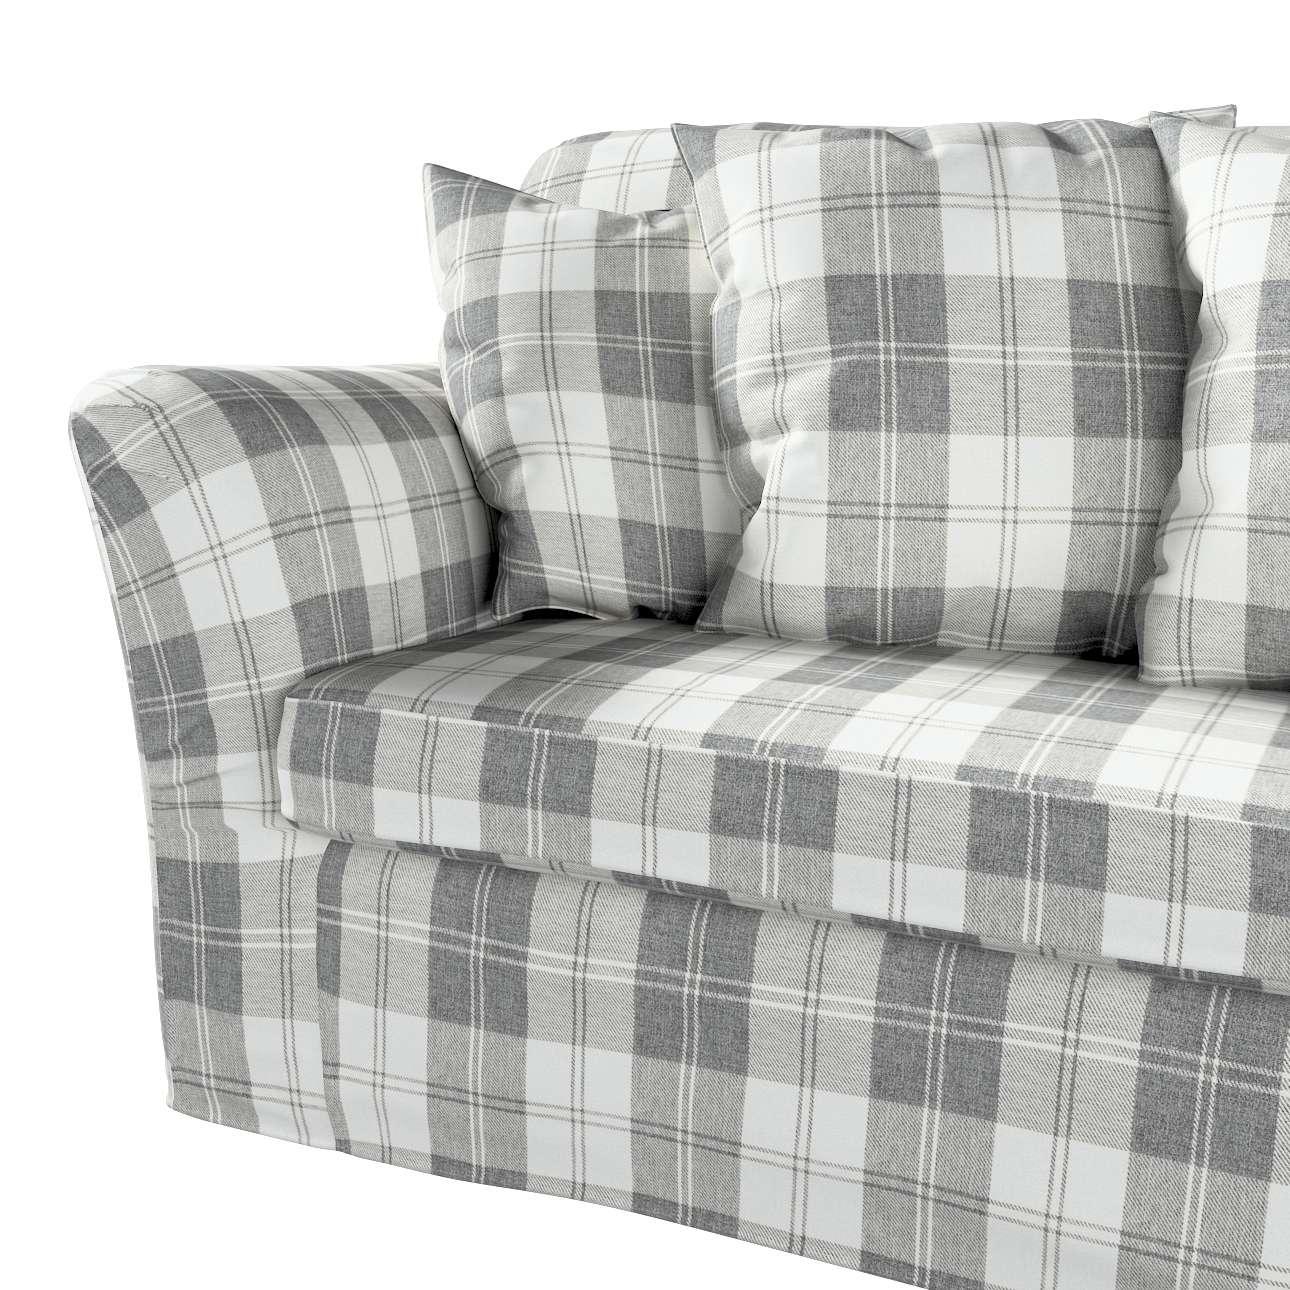 Pokrowiec na sofę Tomelilla 3-osobową rozkładaną w kolekcji Edinburgh, tkanina: 115-79